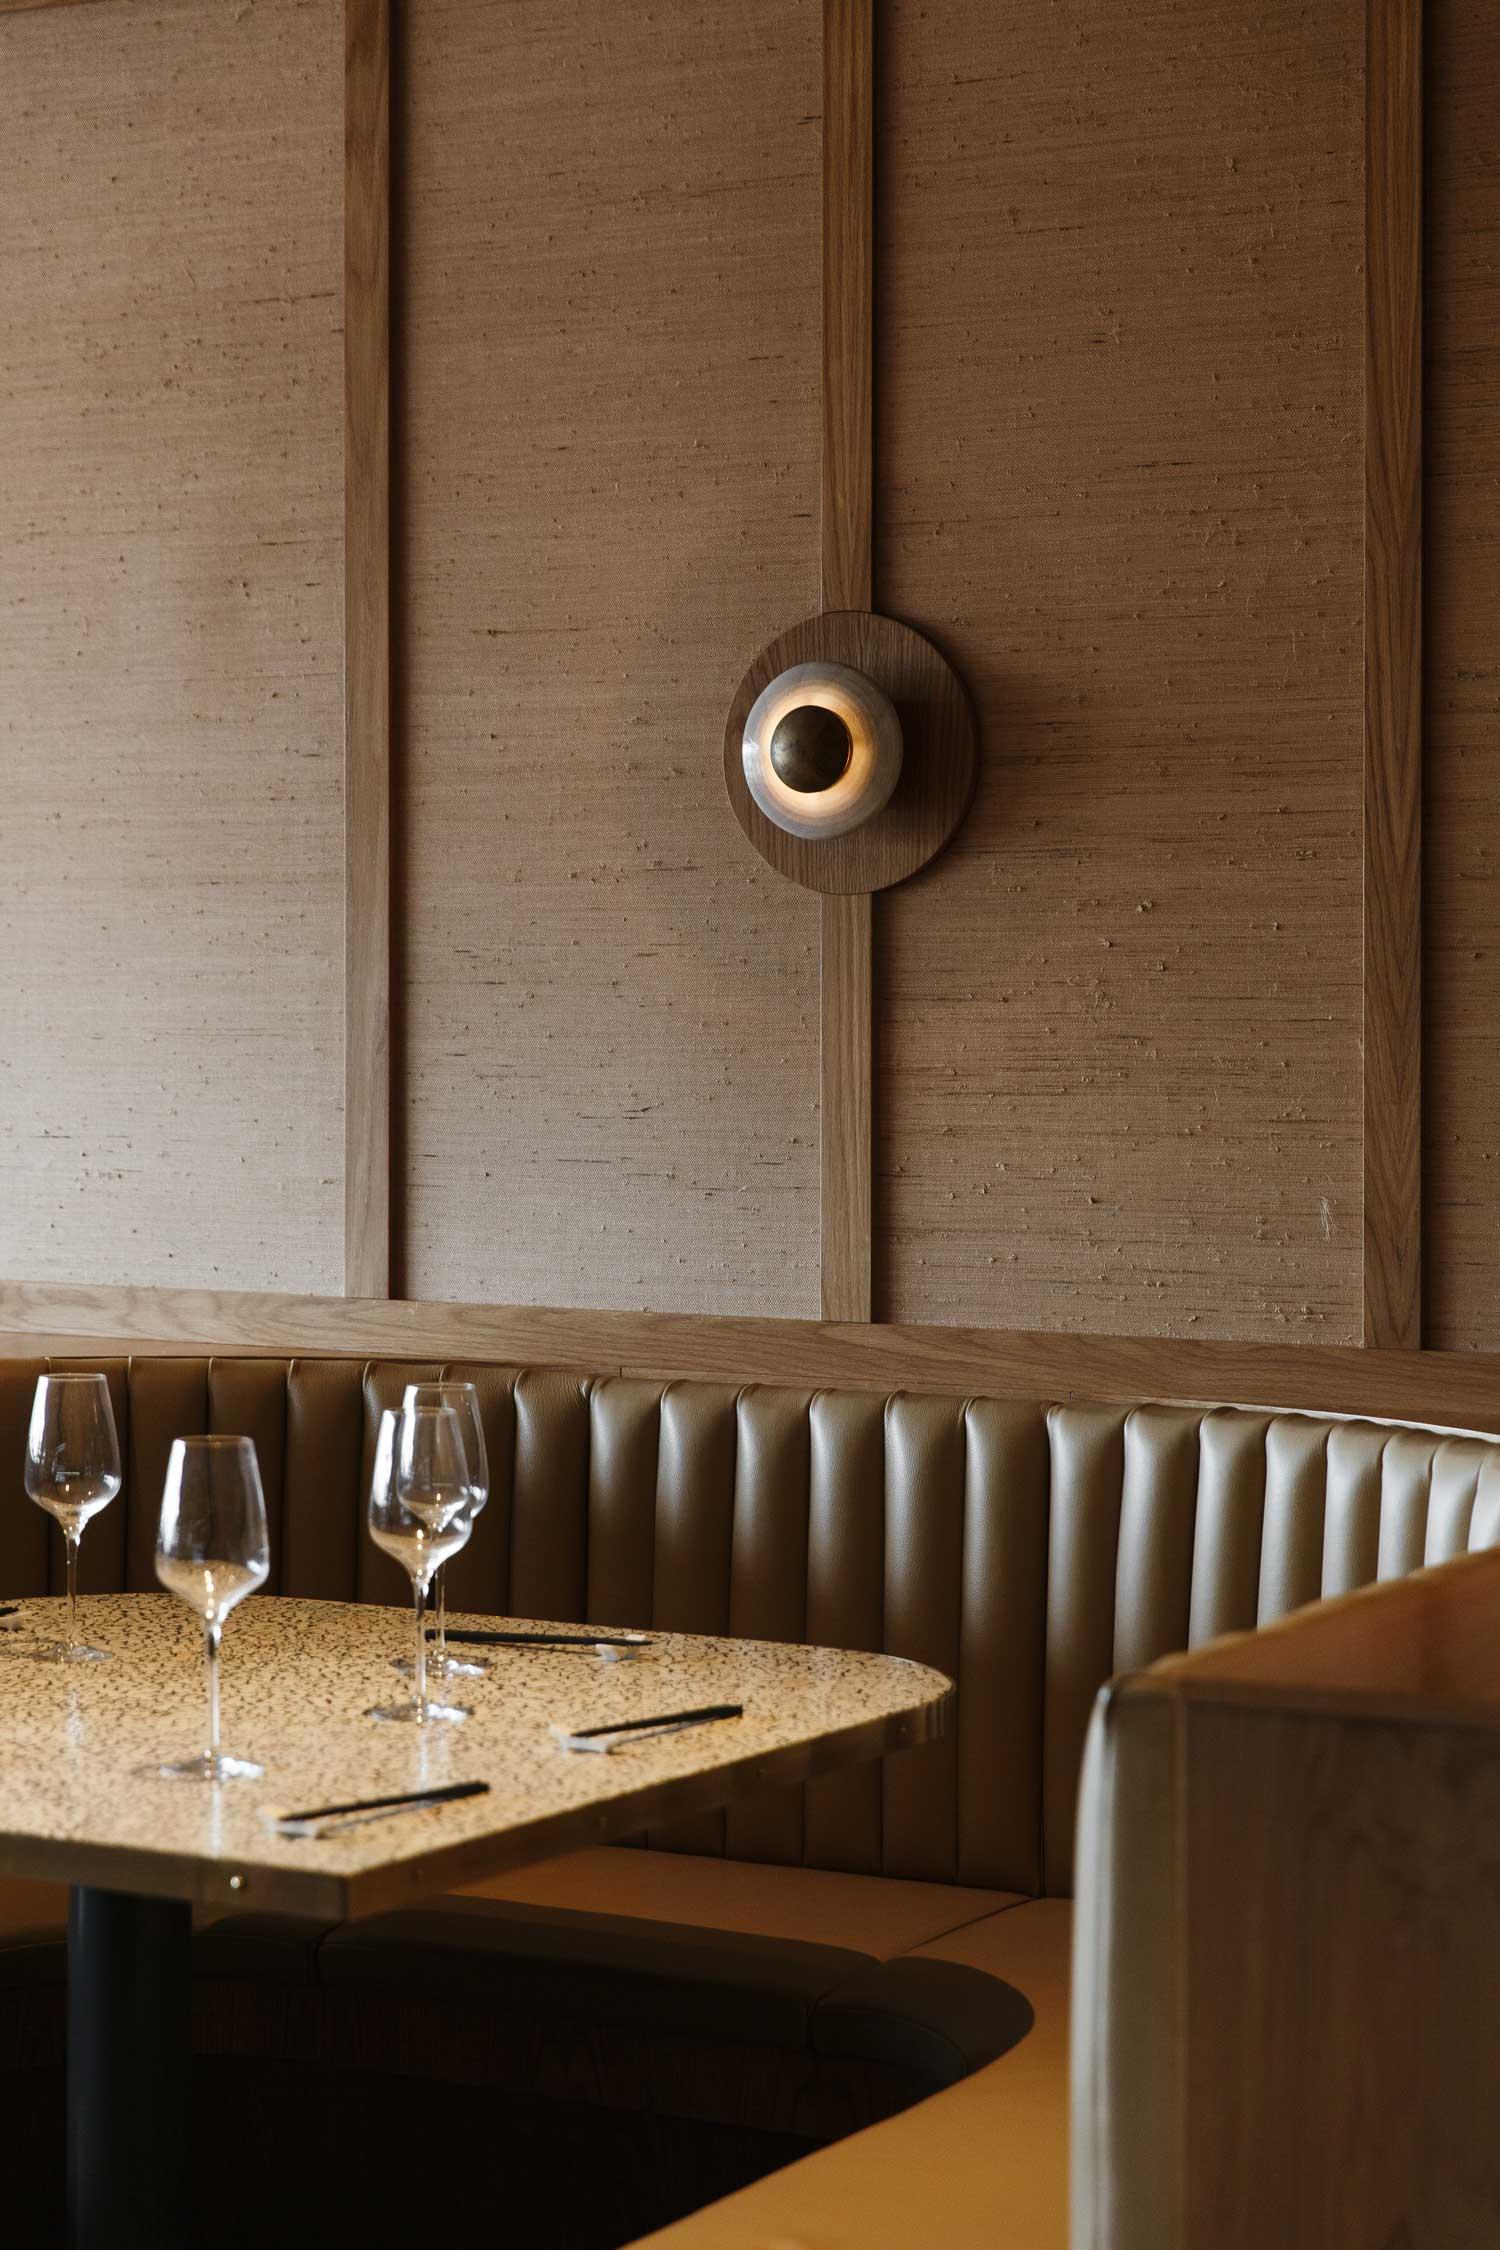 Viet Next Door: Vietnamese Tapas Bar in Adelaide by Genesin Studio | Yellowtrace